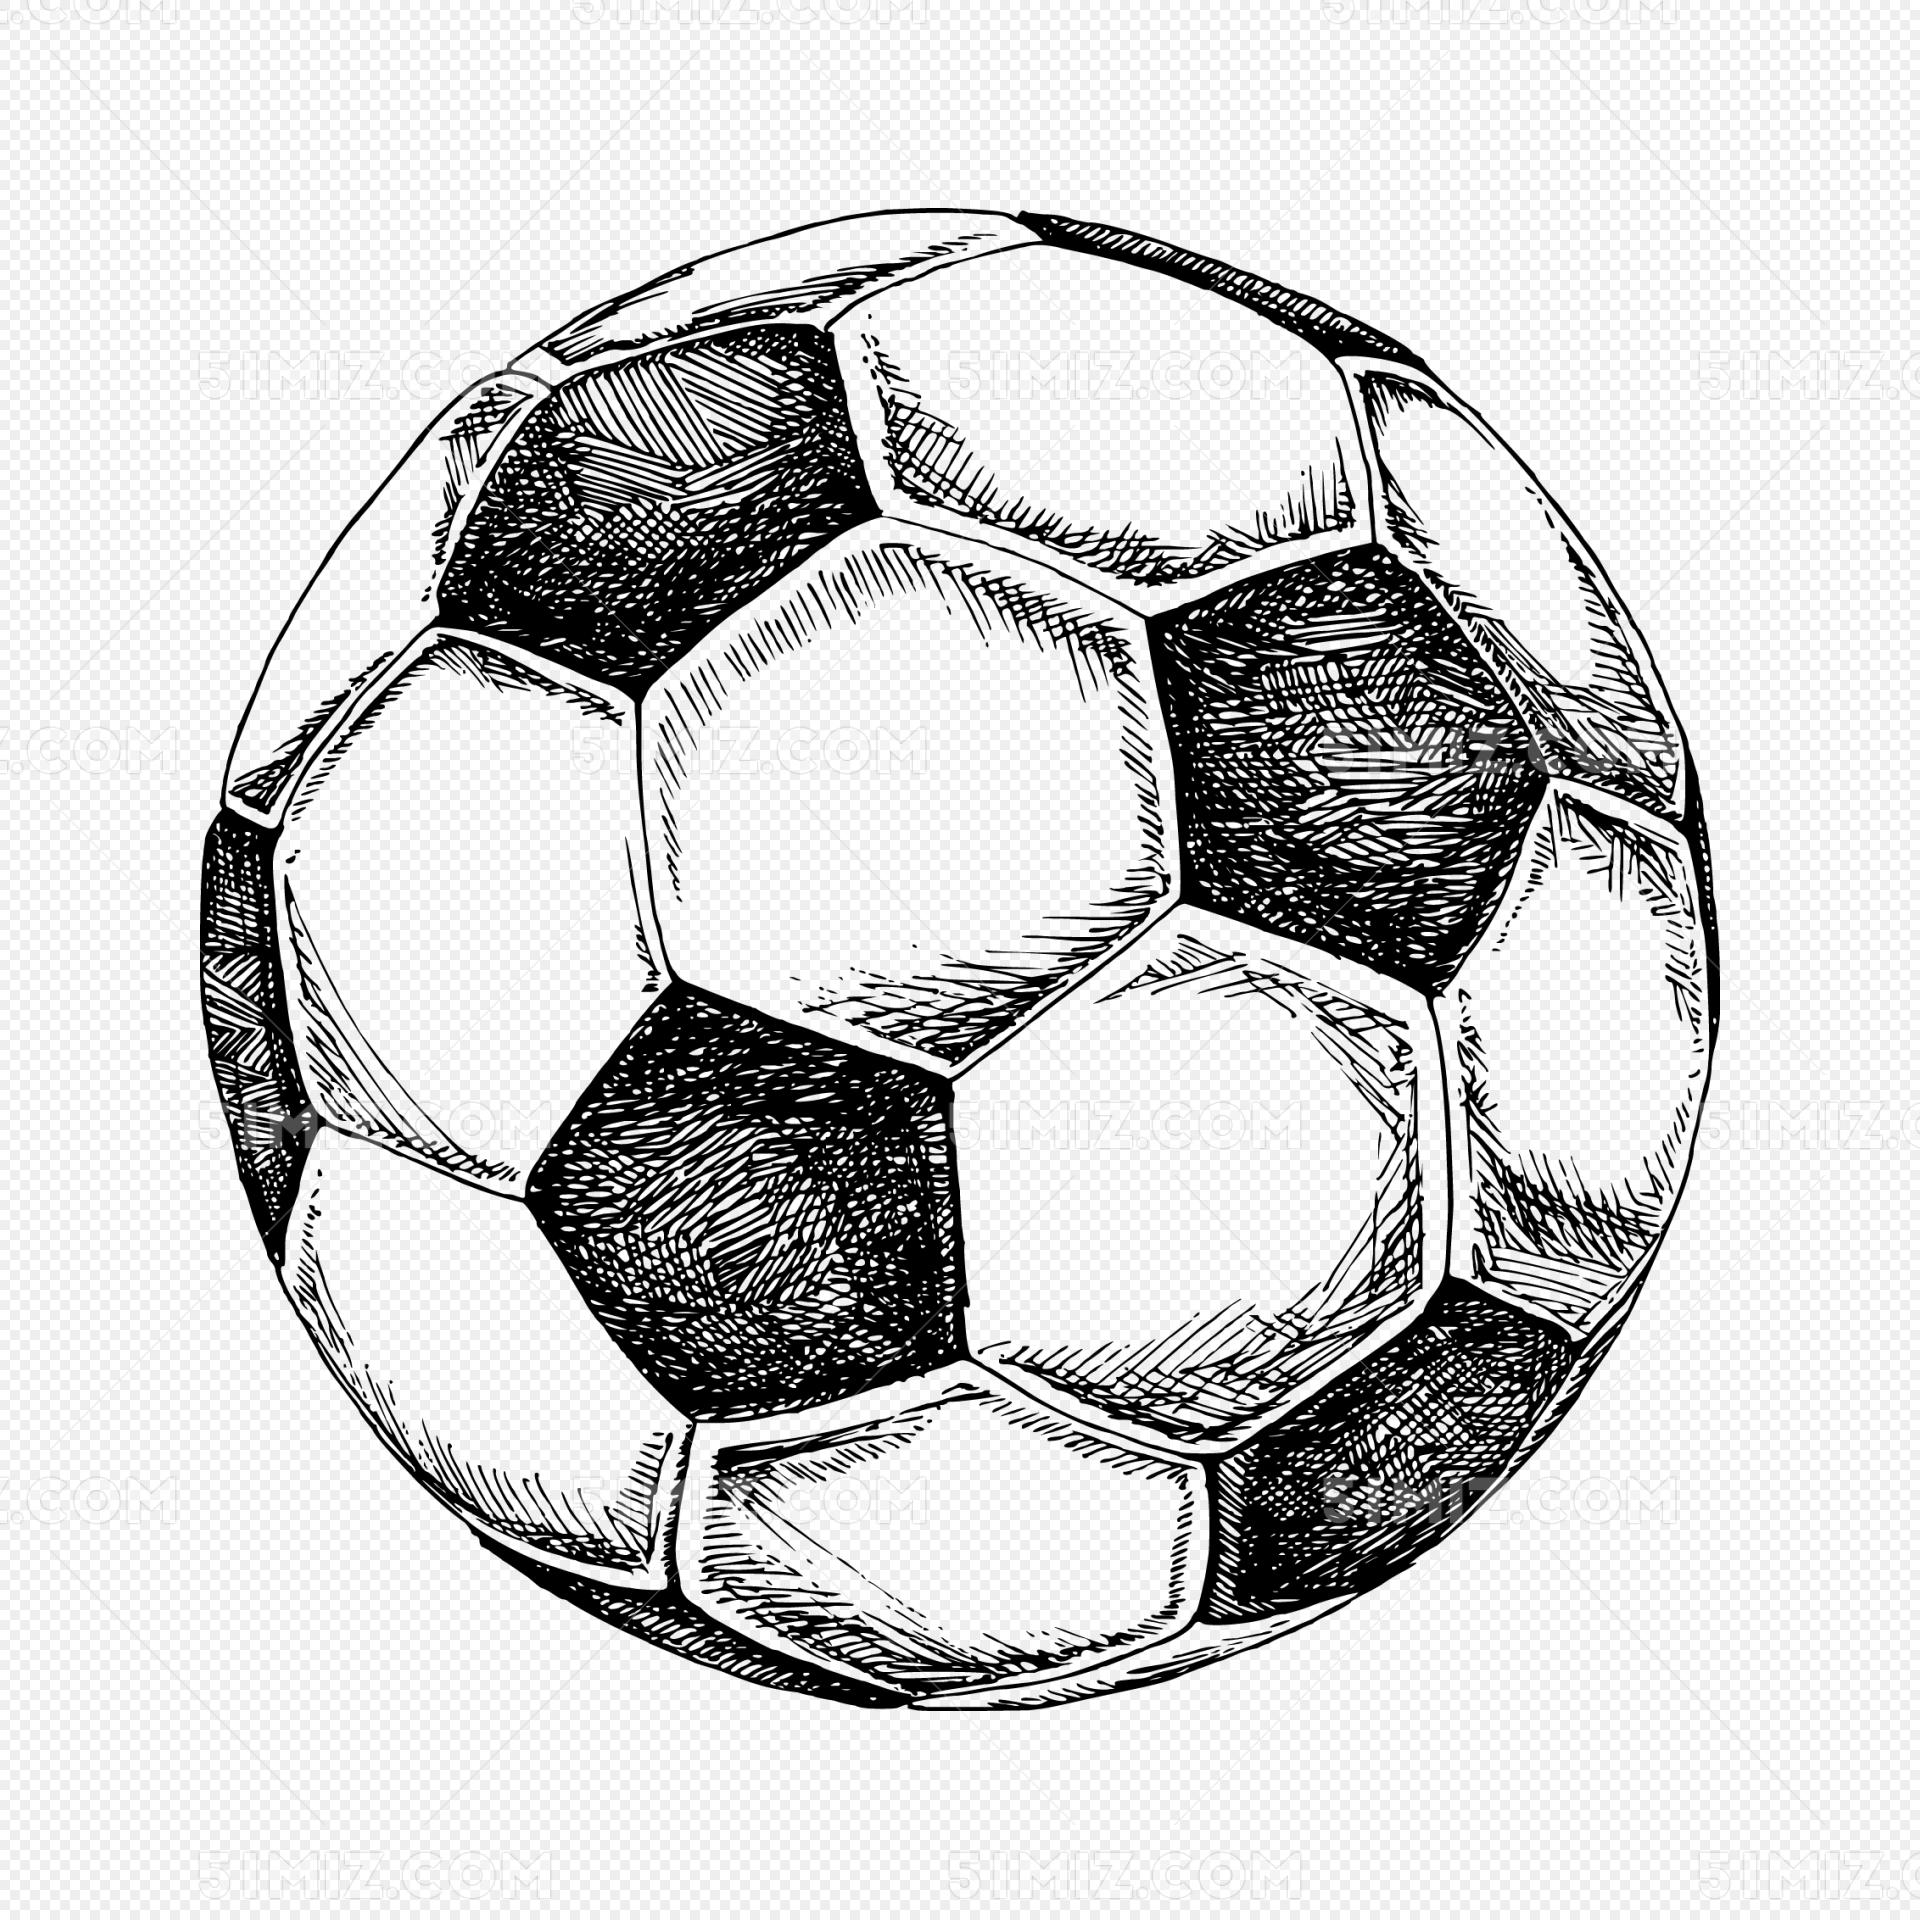 矢量手绘足球元素